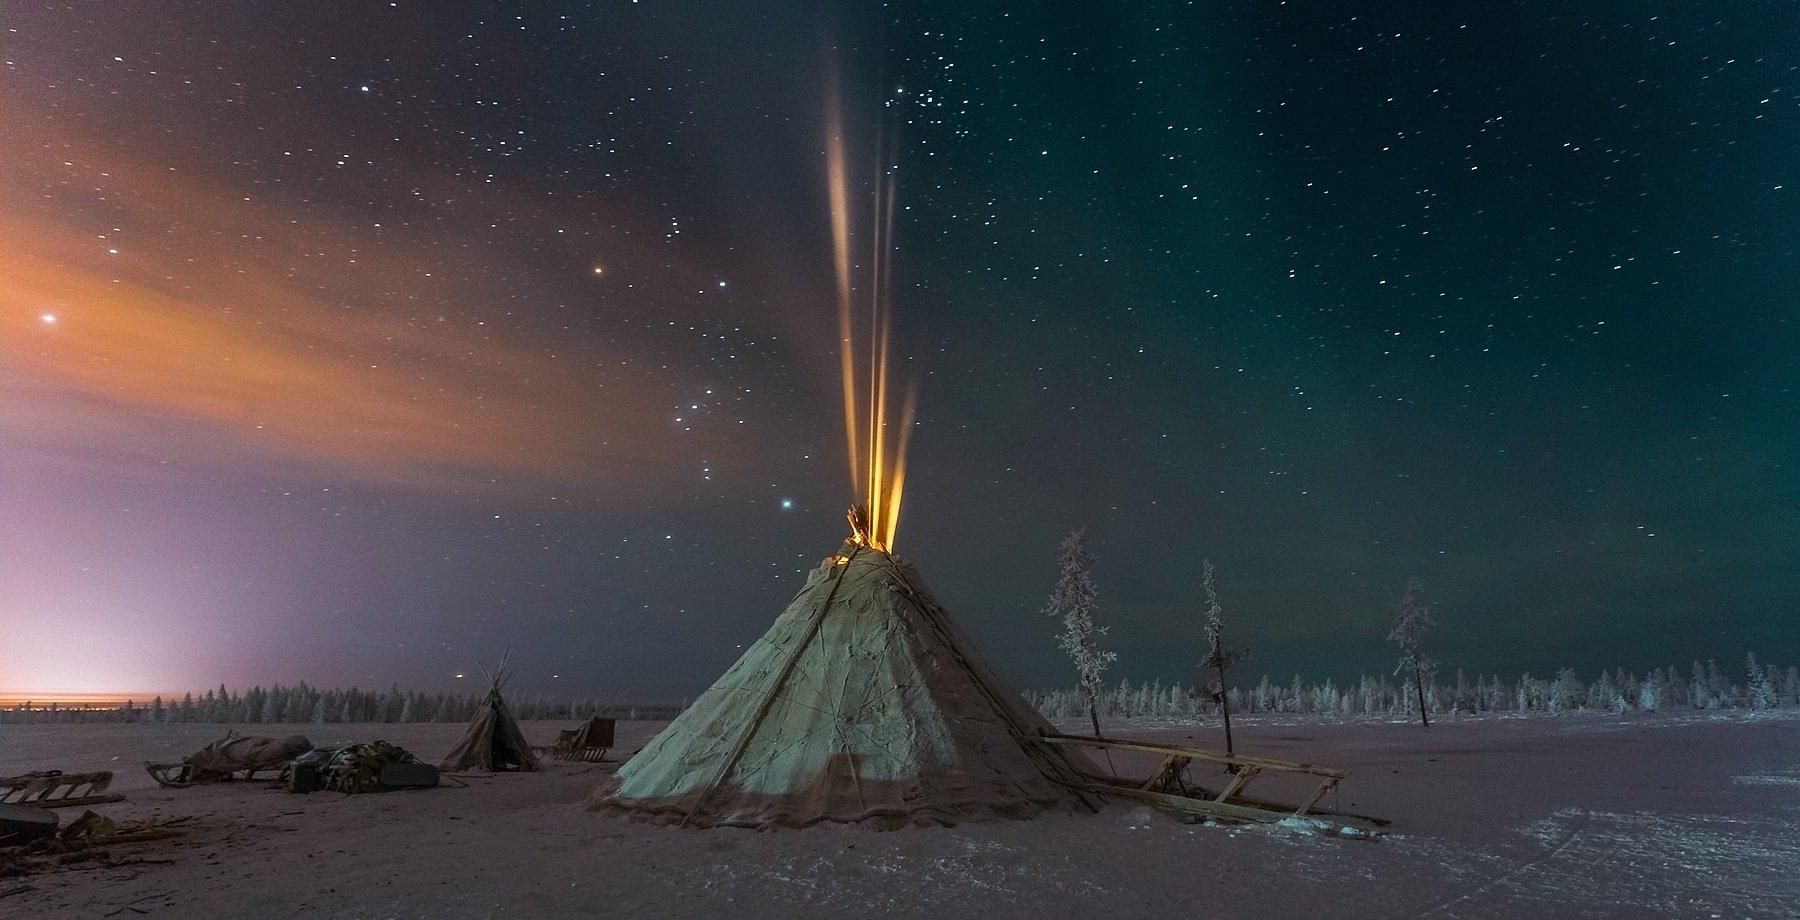 ямал, чум, зима, мороз, ночь, небо, звезды, северное сияние, север, пейзаж, россия, Кирилл Уютнов